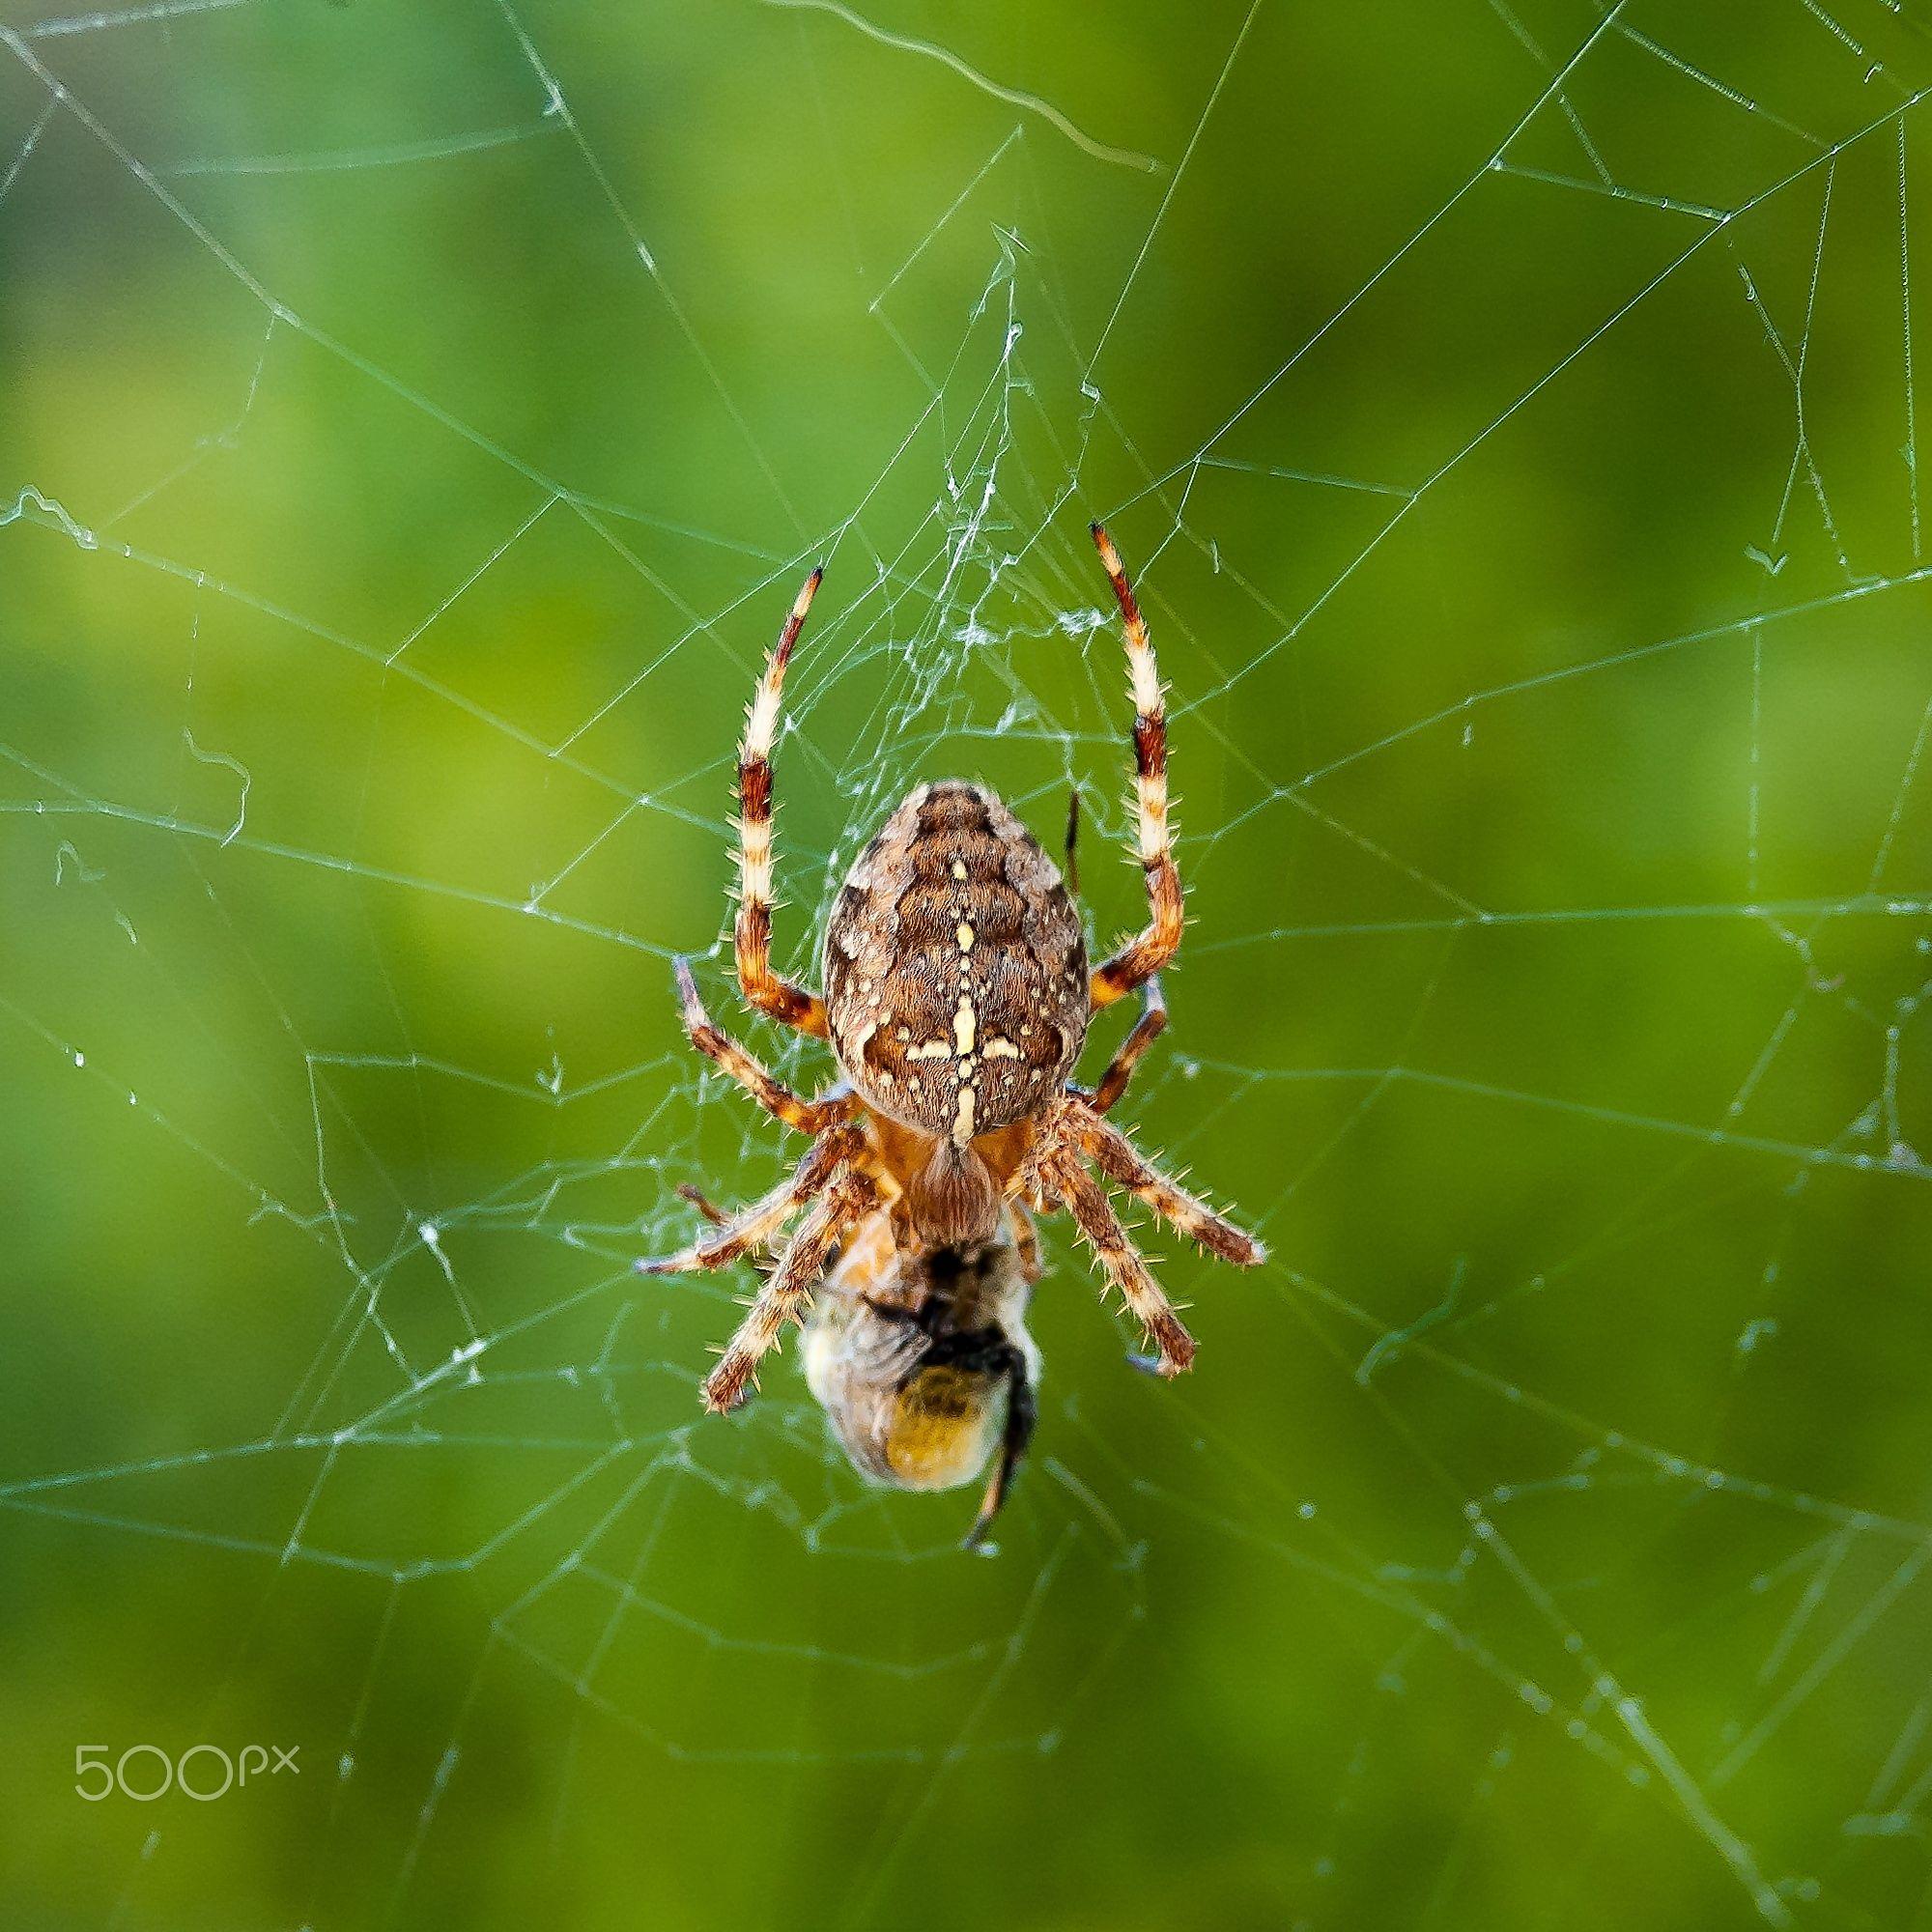 Le repas araneus diadematus l 39 peire diad me est une esp ce d 39 araign es aran omorphes de la - Araignee des jardins en 6 lettres ...